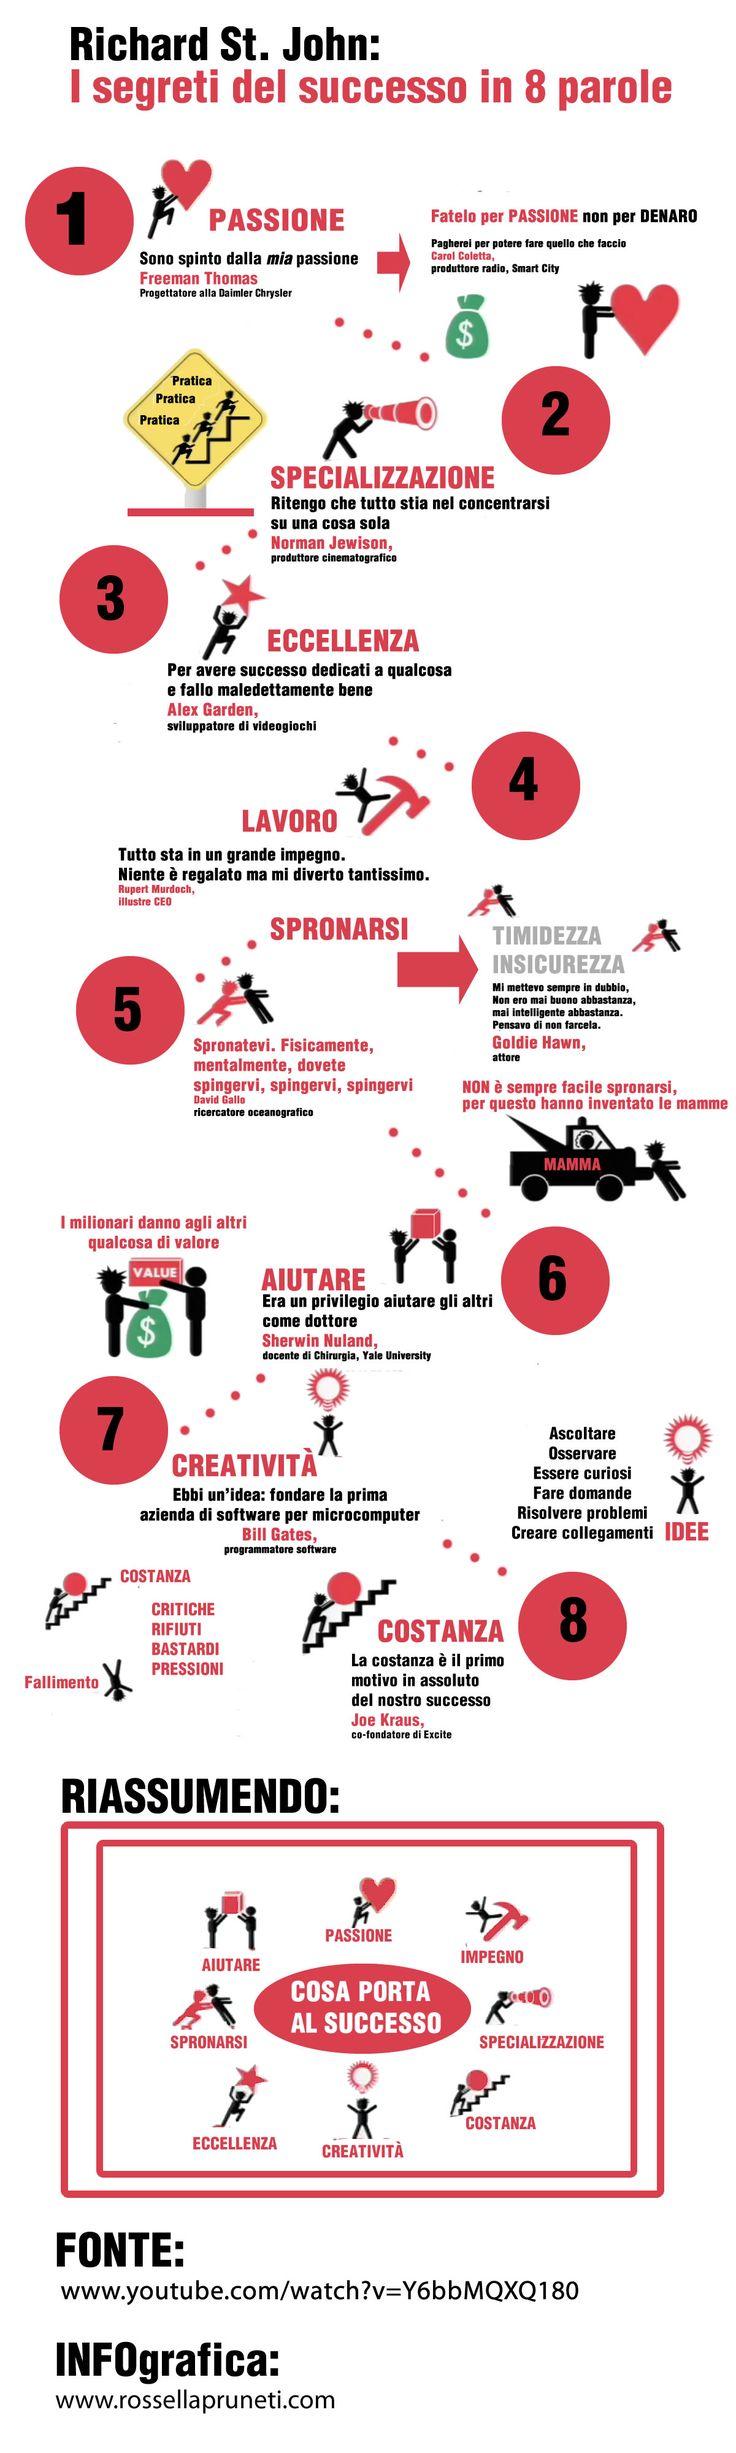 Infografica i segreti del successo in 8 parole